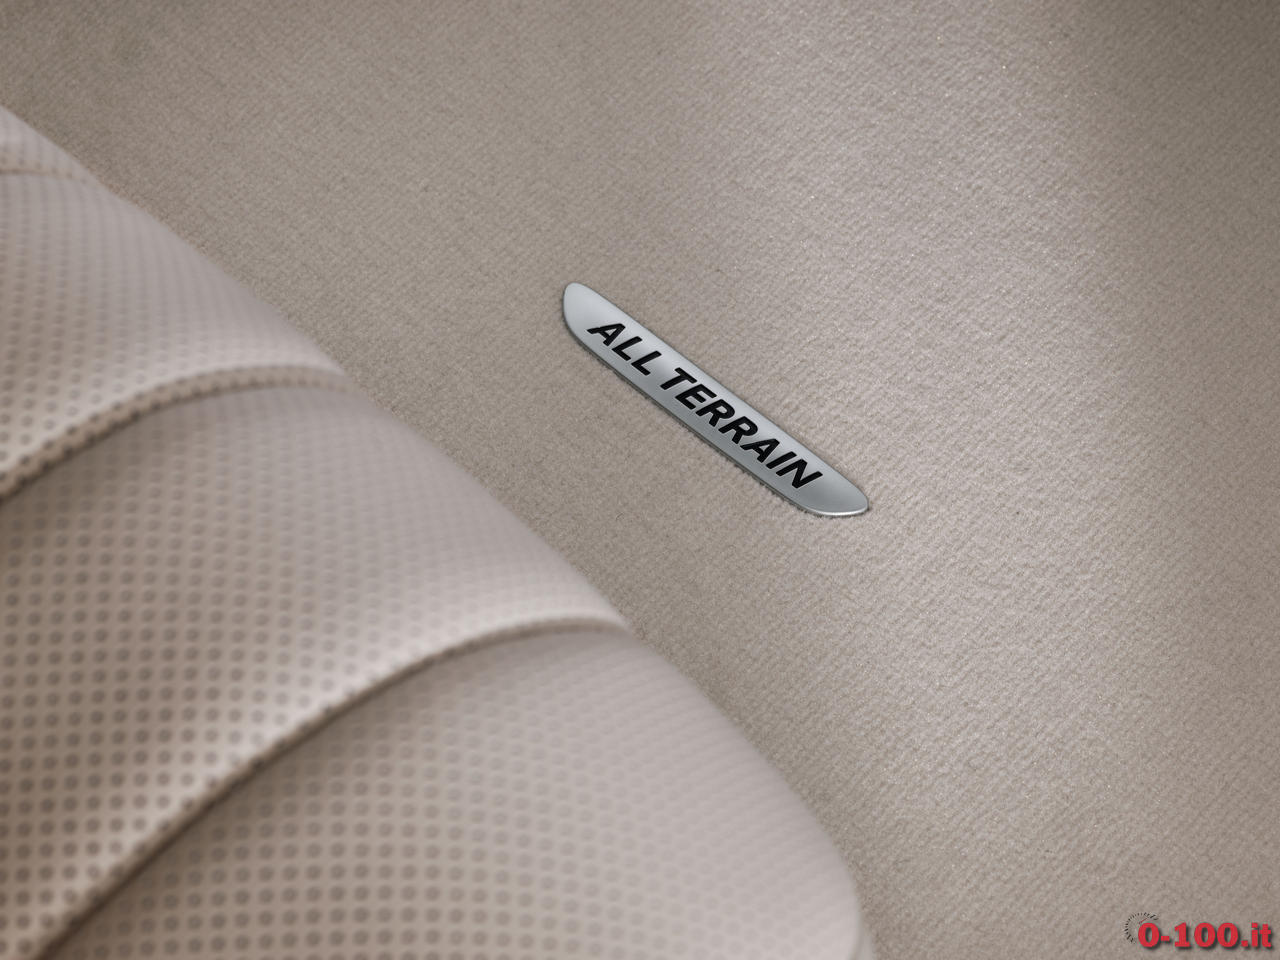 mercedes-benz-e-class-all-terrain-prezzo-price_0-100-35